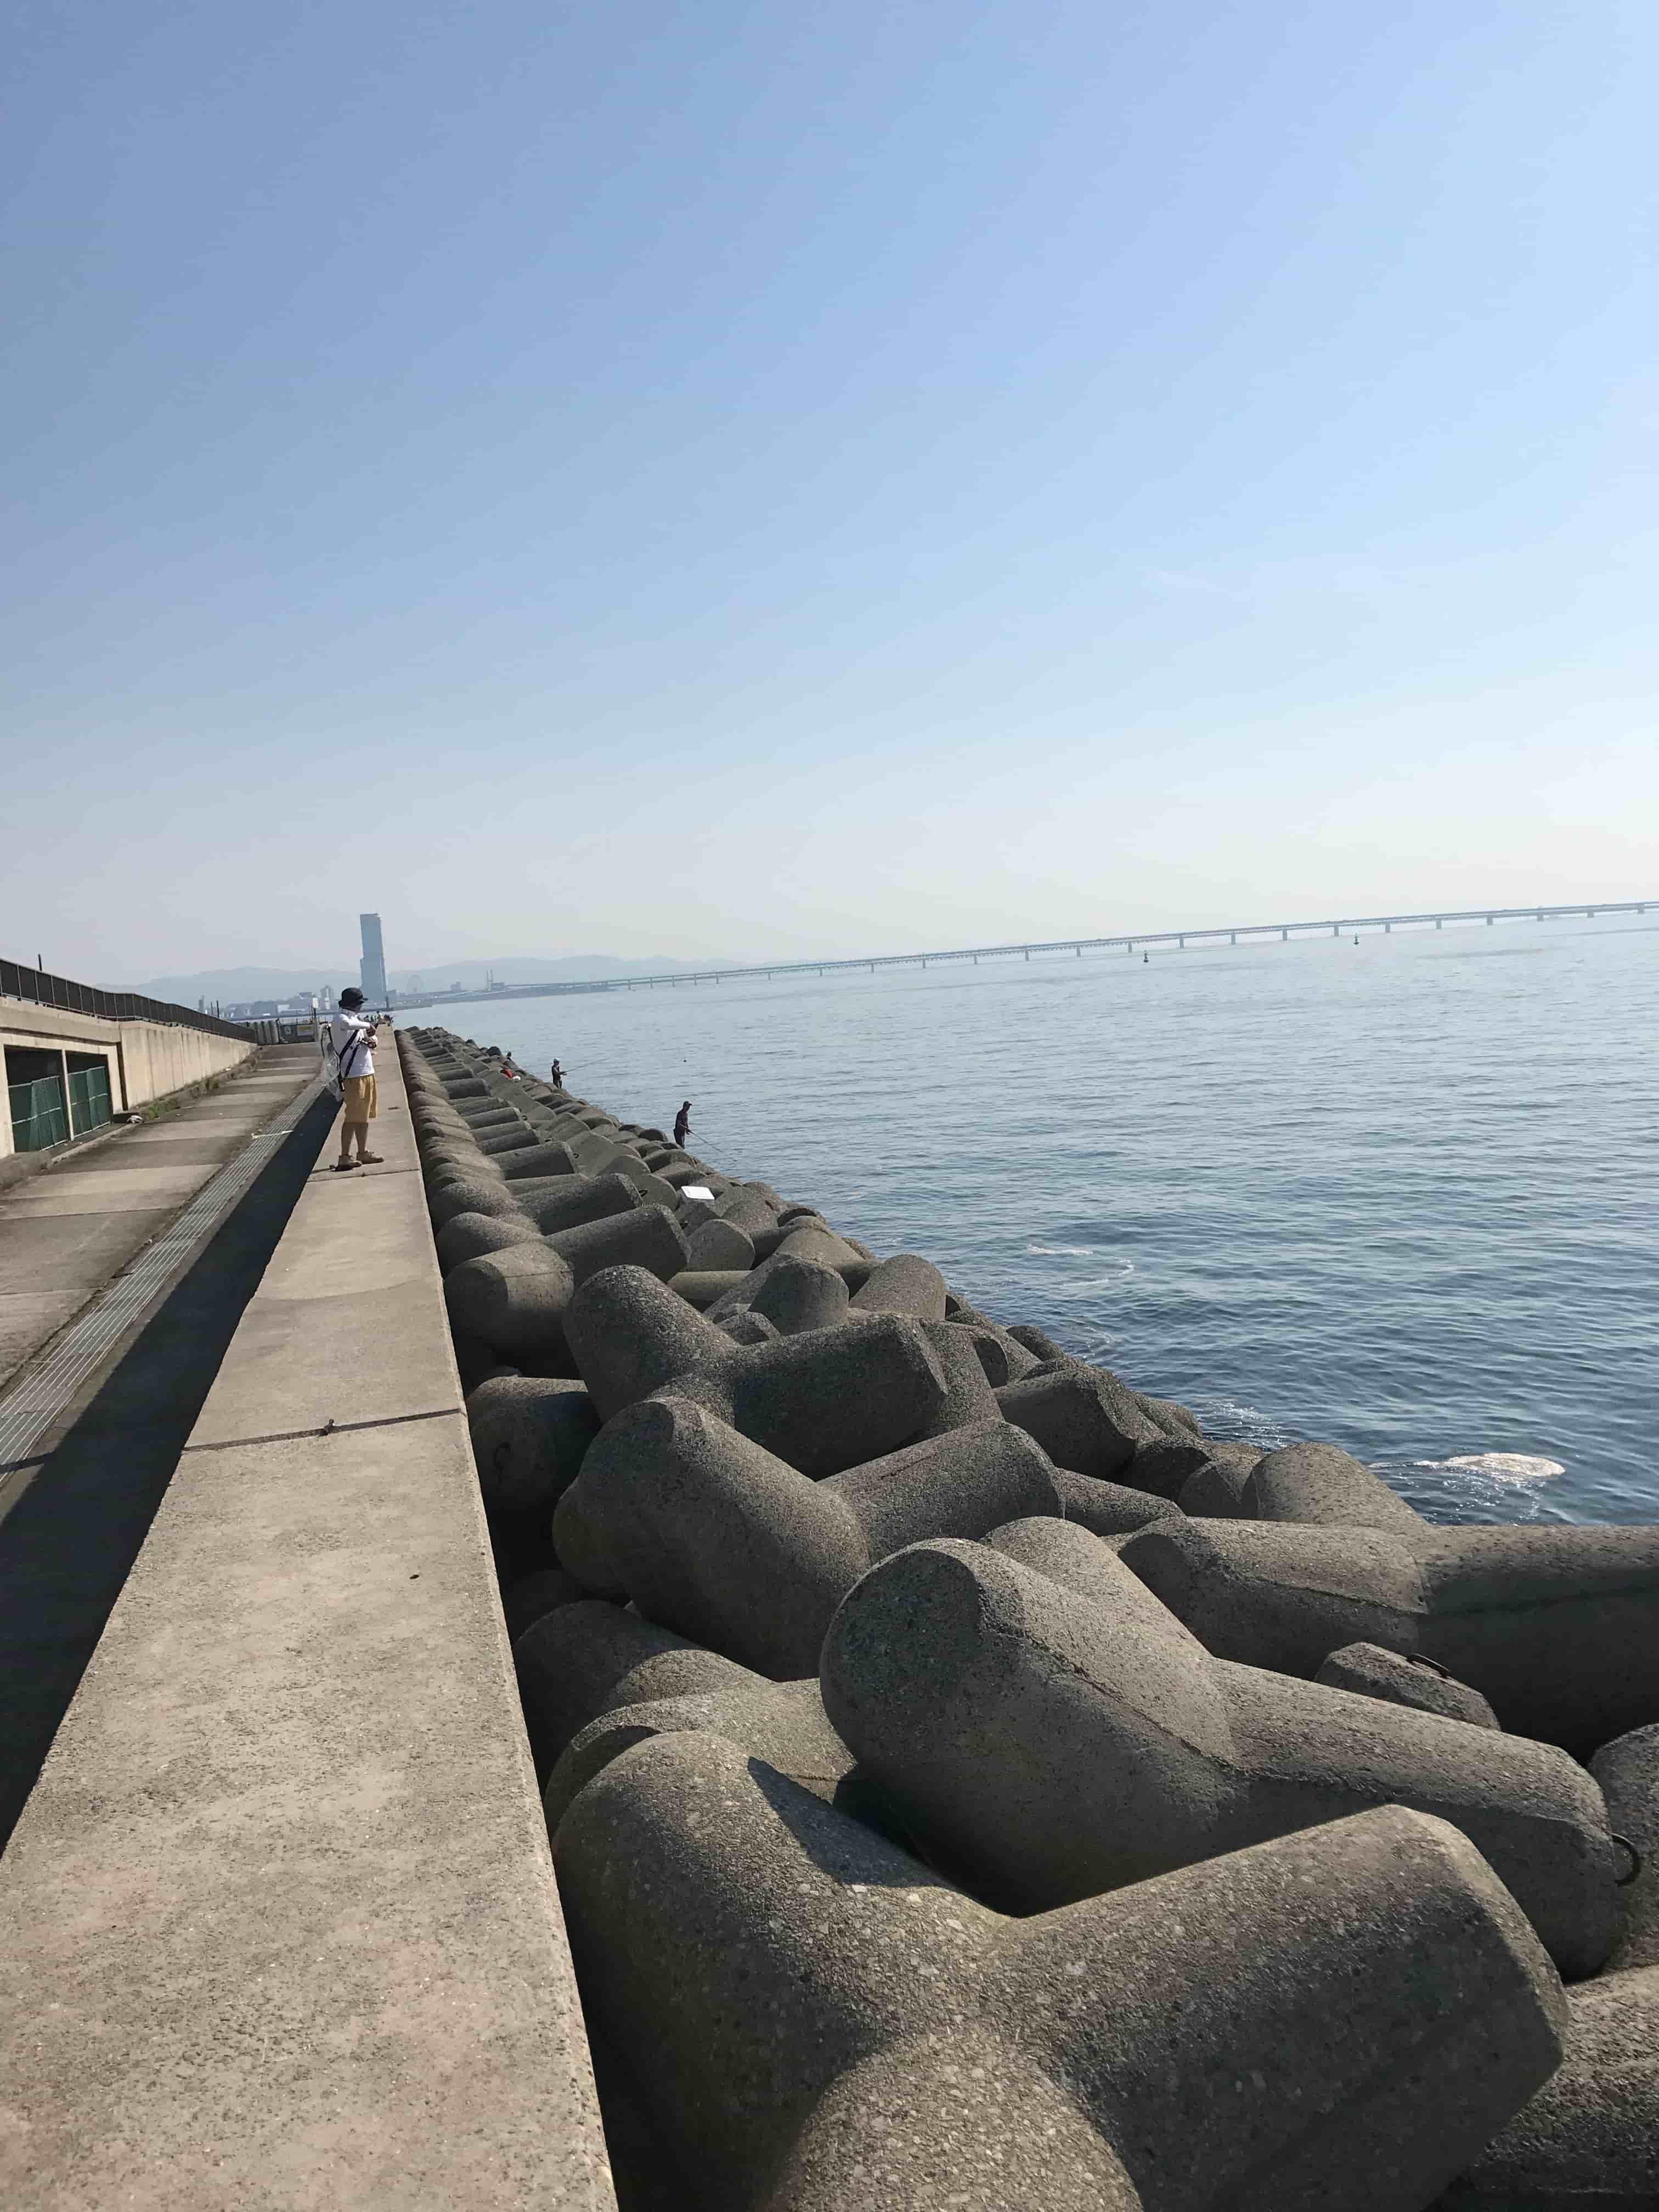 貝塚人工島の釣り場紹介、大阪泉南にあるタチウオと青物の回遊のあるオススメ堤防